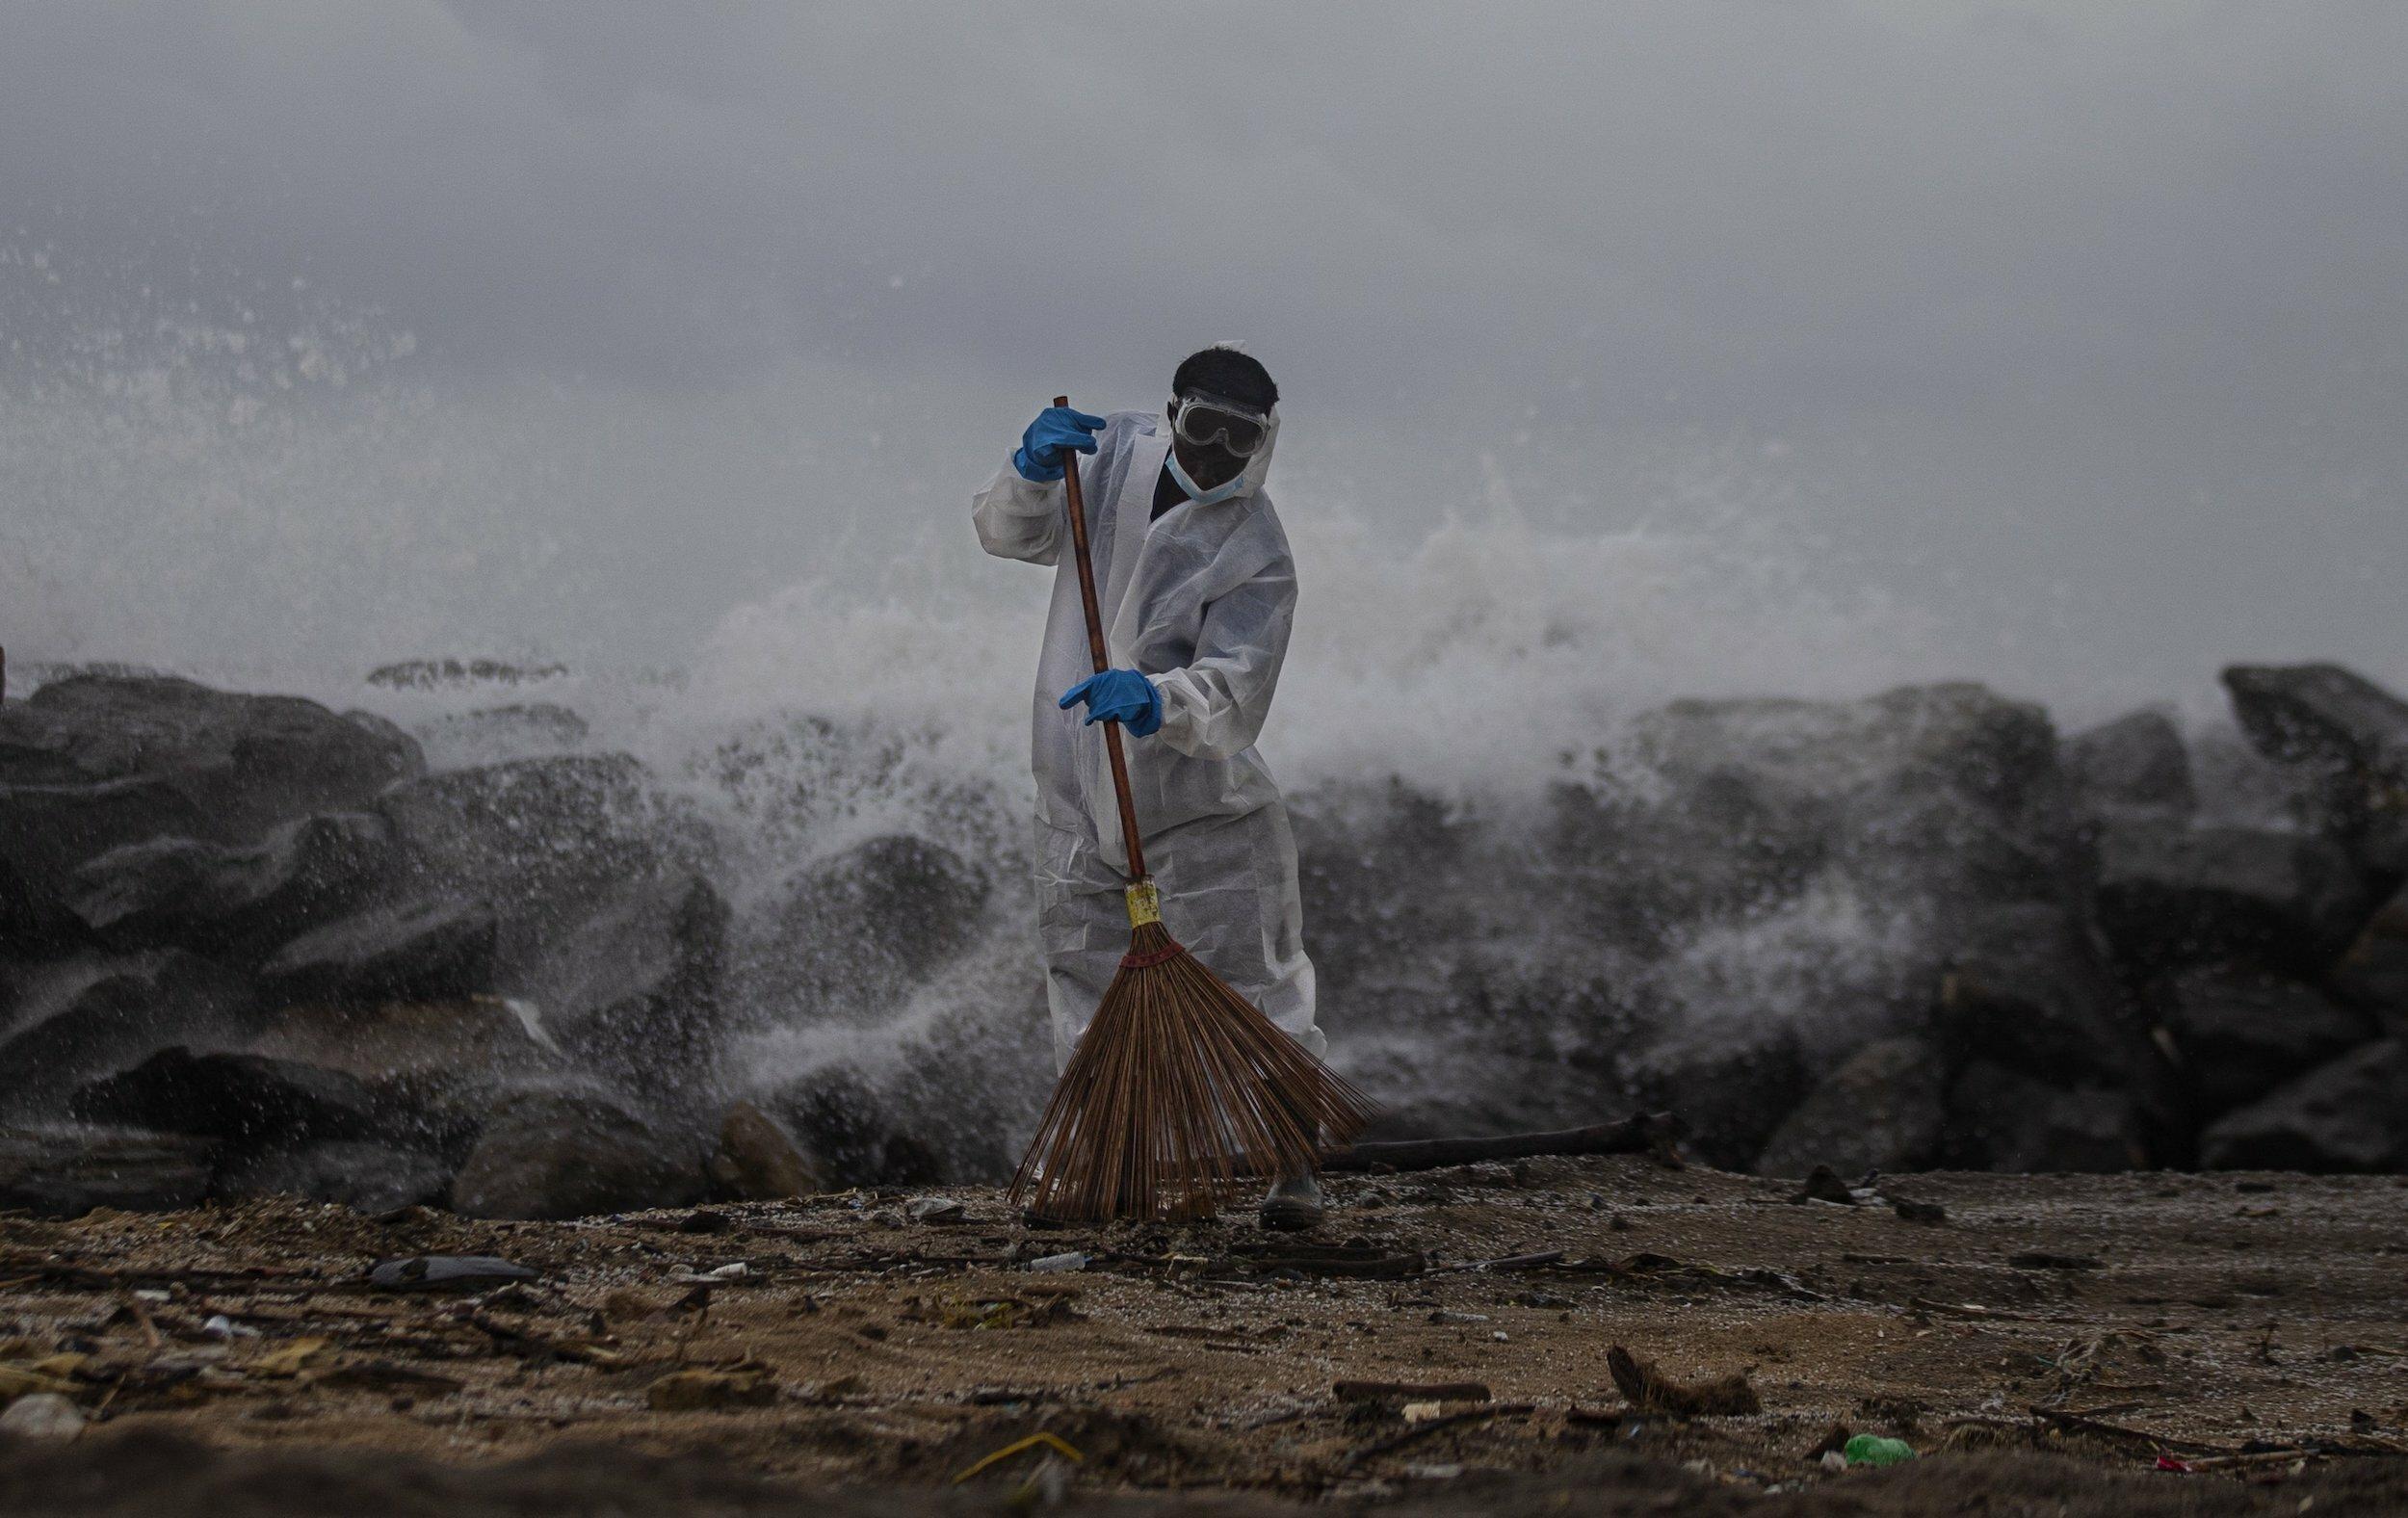 Ein Soldat mit Schutzkleidung fegt vor dem stürmischem Meer mit einem einfachen Rechen kleine weiße Plastikteilchen aus dem Sand.